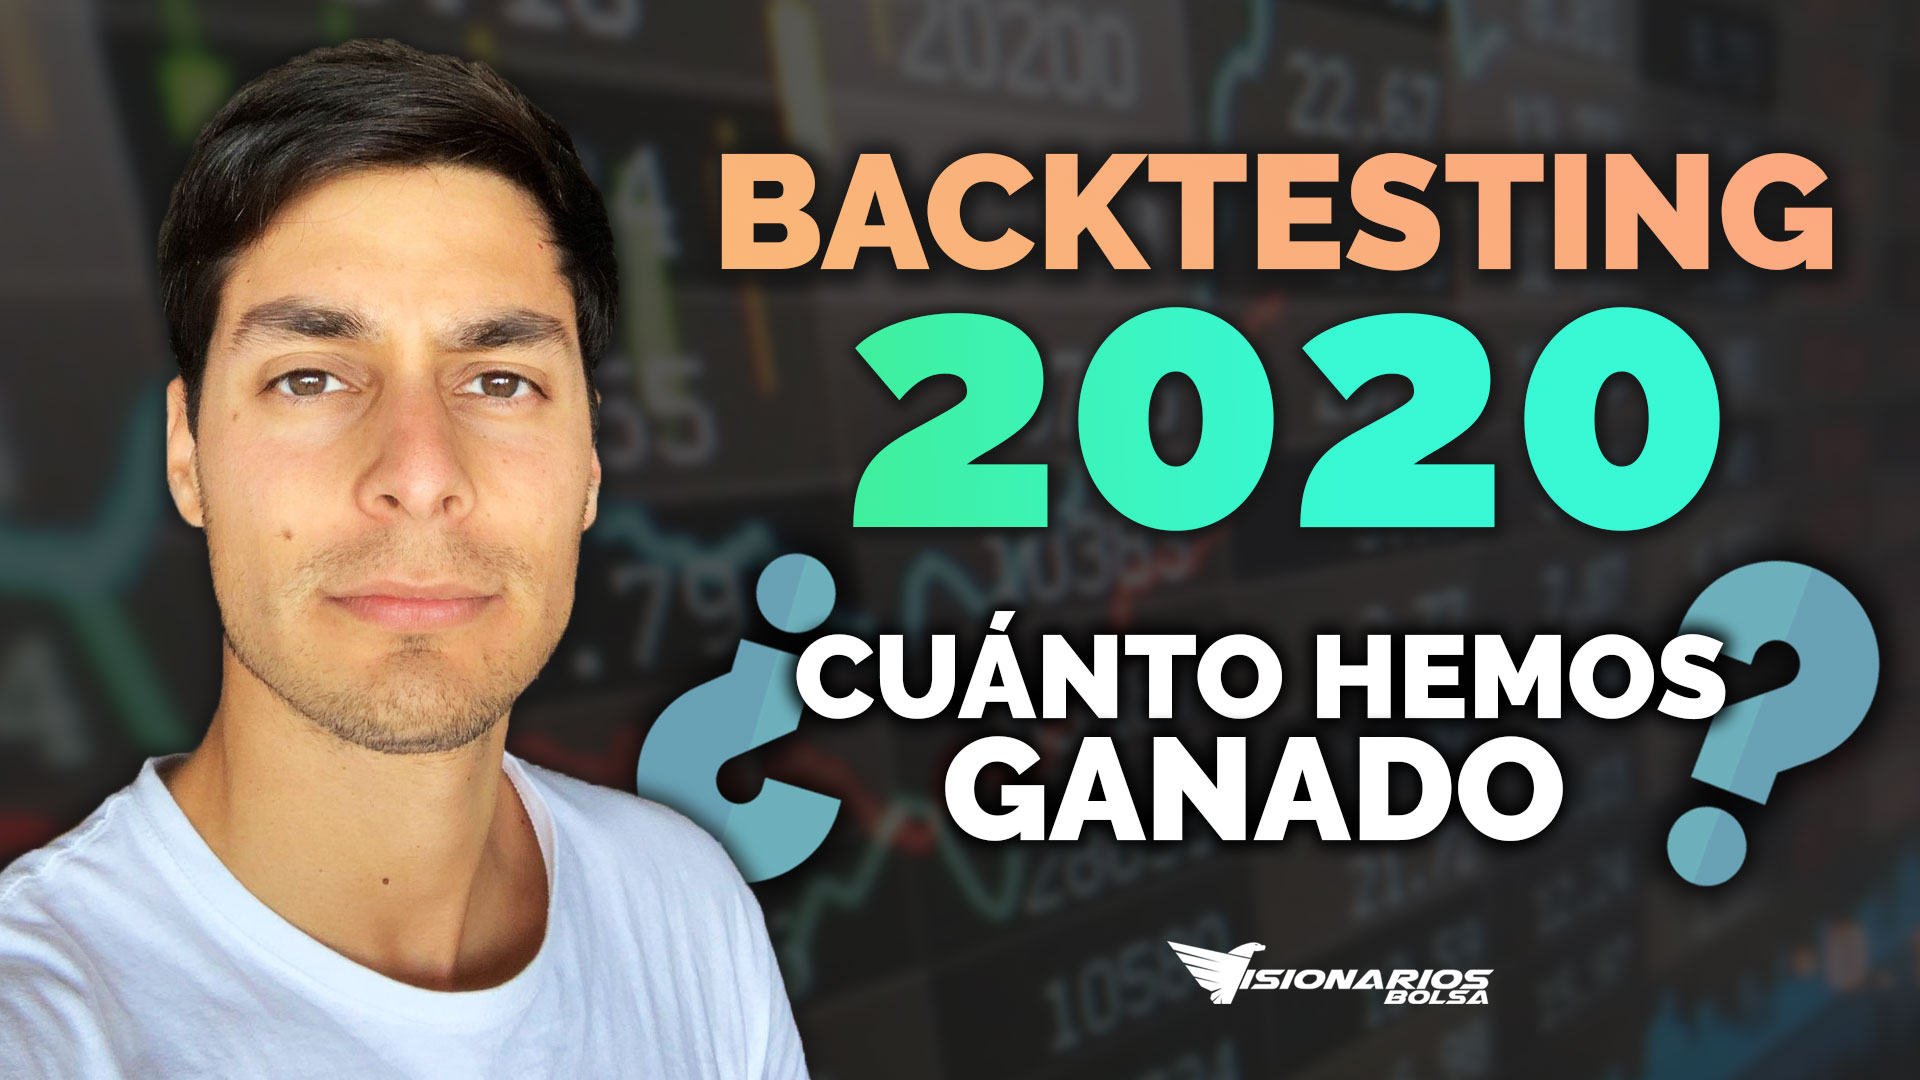 Backtesting Y Rentabilidad 2020 | Resultados De Nuestras Operaciones En Bolsa